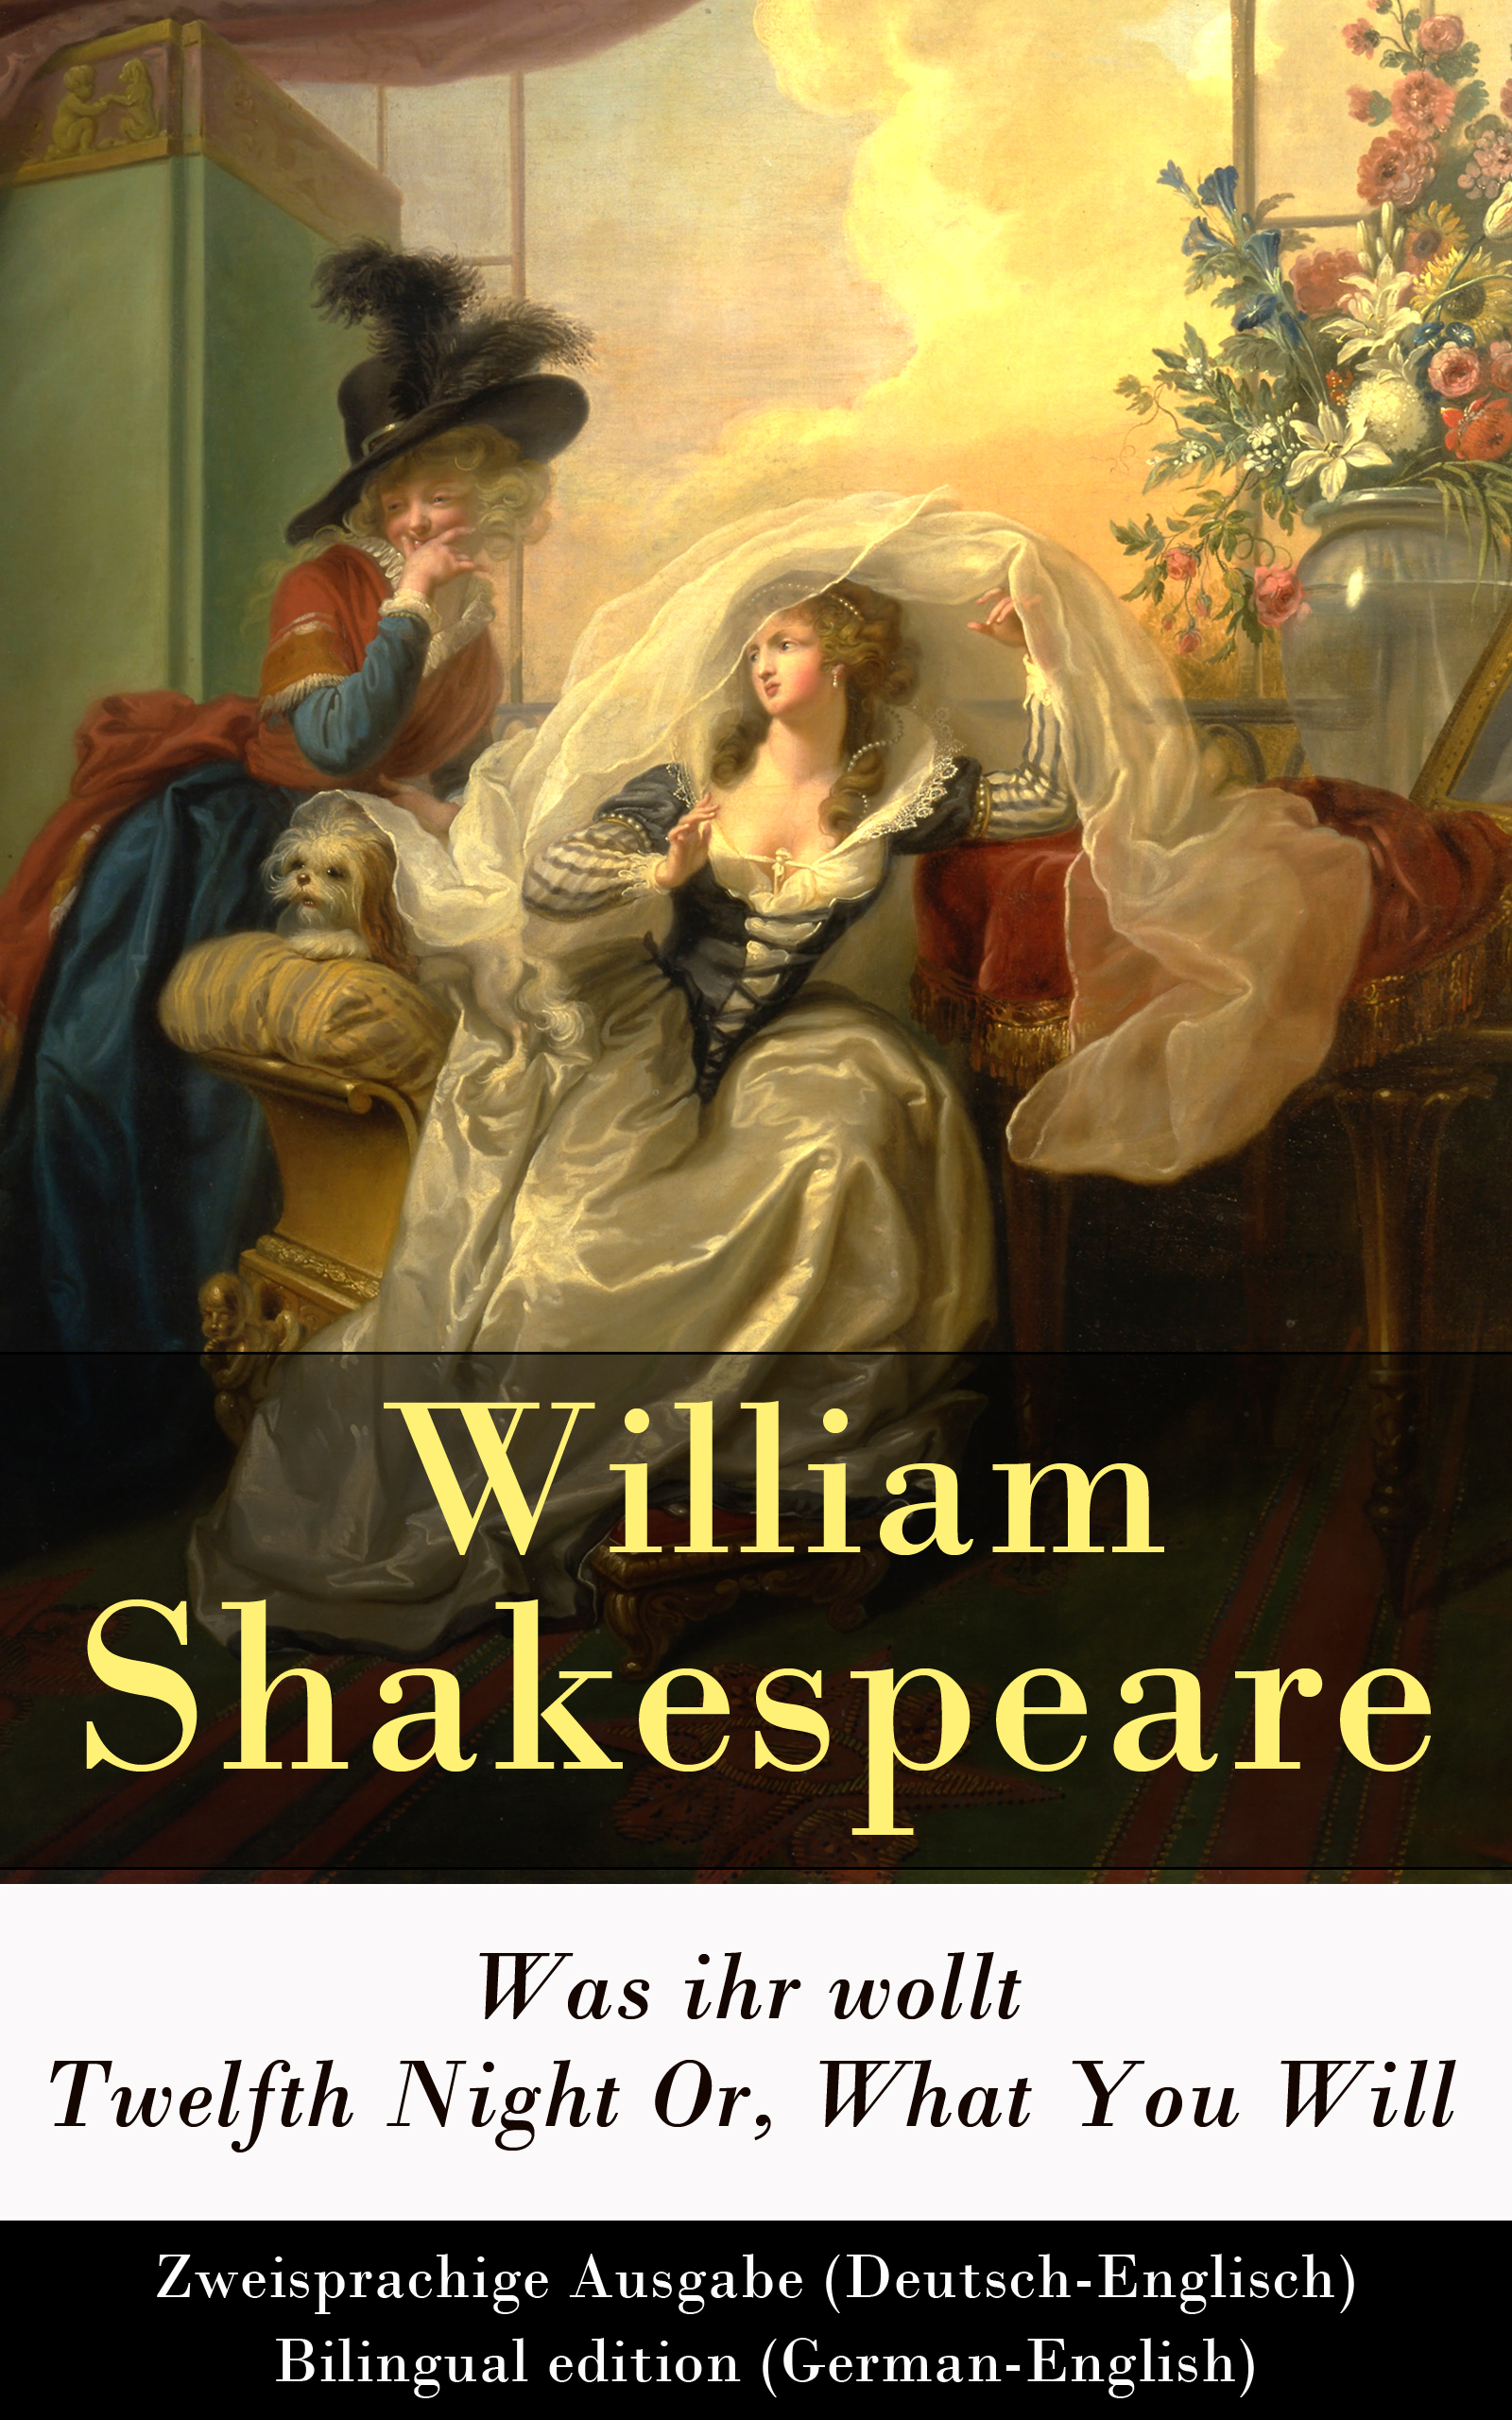 William Shakespeare Was ihr wollt / Twelfth Night Or, What You Will - Zweisprachige Ausgabe (Deutsch-Englisch) / Bilingual edition (German-English) цены онлайн